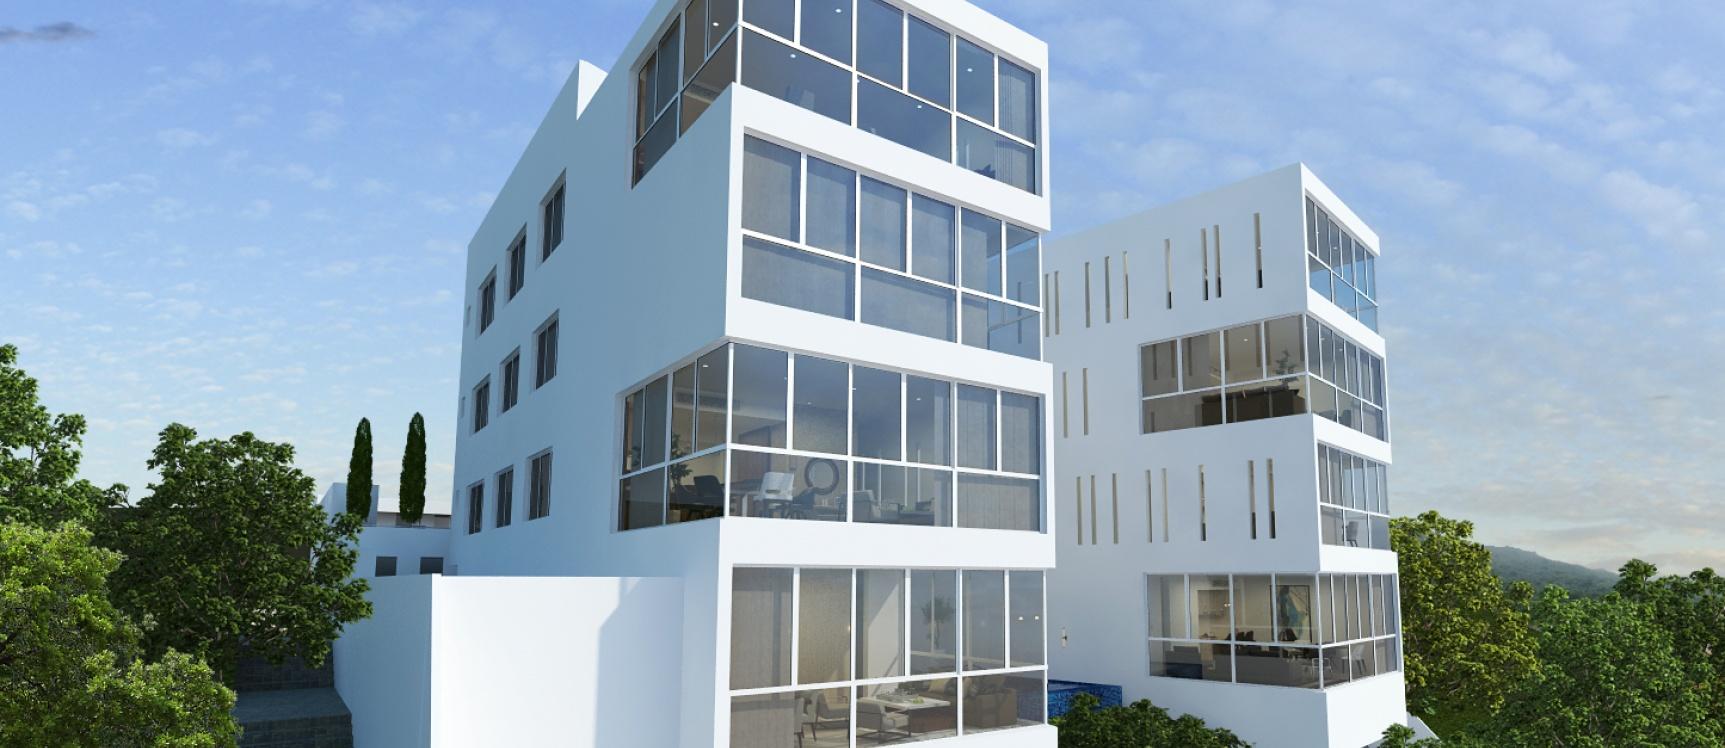 GeoBienes - Penthouse en venta, Vista 816 en La Cumbre de Los Ceibos Guayaquil - Plusvalia Guayaquil Casas de venta y alquiler Inmobiliaria Ecuador